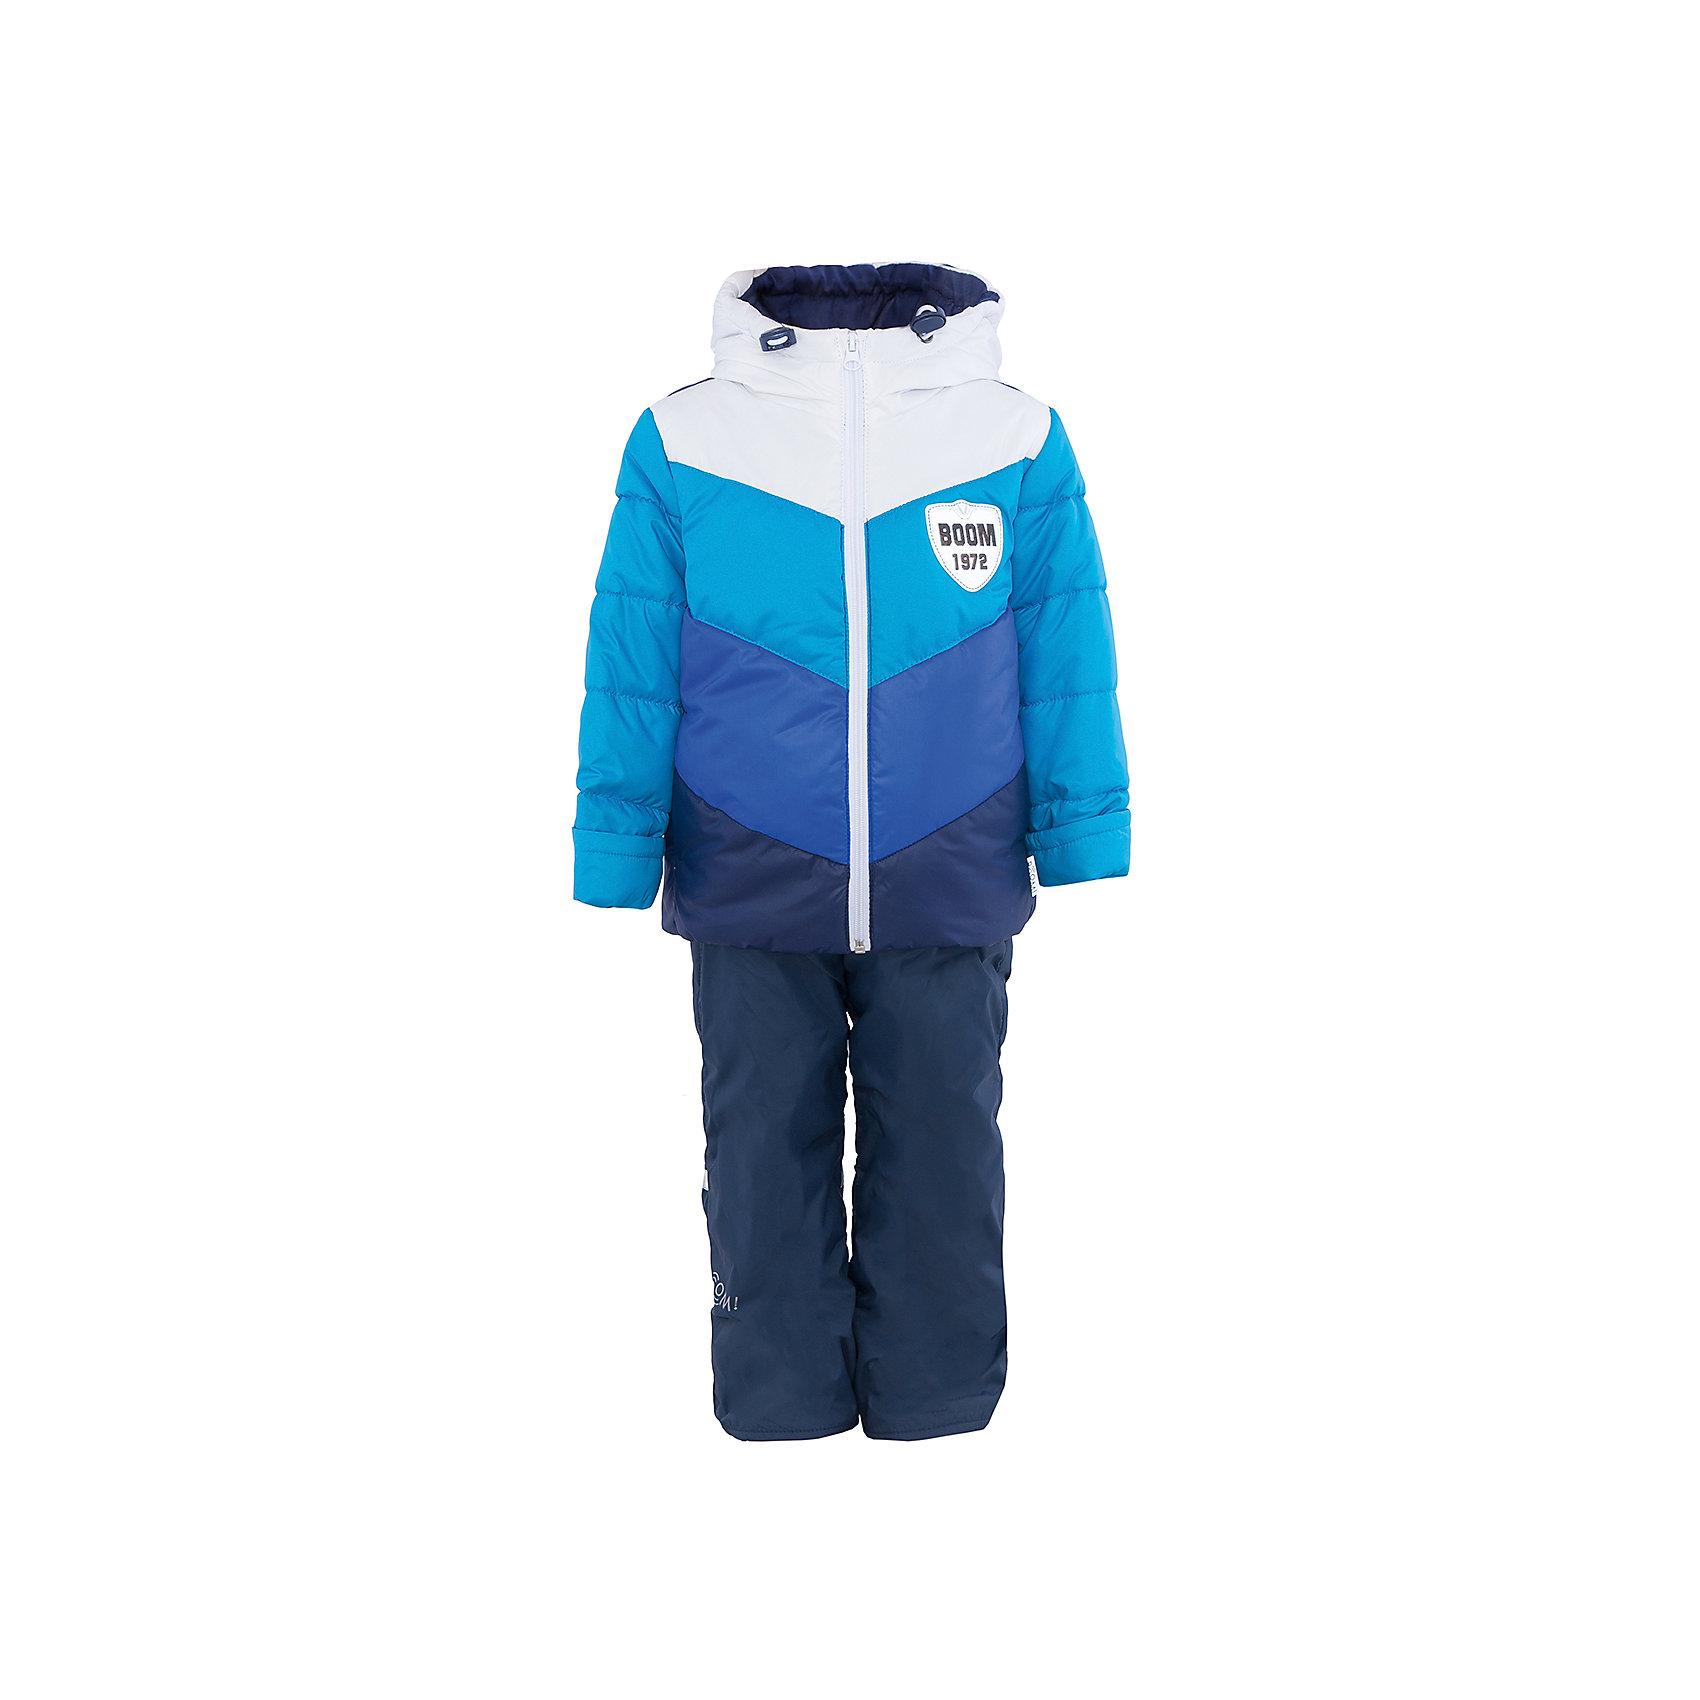 Комплект для мальчика BOOM by OrbyХарактеристики товара:<br><br>• цвет: синий/голубой/белый<br>• состав: <br>курточка: верх - болонь, подкладка - поликоттон, полиэстер, утеплитель: эко-синтепон 150 г/м2<br>брюки: верх - таффета, подкладка - флис<br>• комплектация: куртка, брюки<br>• температурный режим: от -5 С° до +10 С° <br>• из непромокаемой ткани, с водо и грязеотталкивающими пропитками<br>• капюшон с утяжкой, не отстёгивается<br>• застежка - молния<br>• куртка декорирована нашивкой<br>• отвороты помогают заметно трансформировать размер<br>• комфортная посадка<br>• страна производства: Российская Федерация<br>• страна бренда: Российская Федерация<br>• коллекция: весна-лето 2017<br><br>Такой комплект - универсальный вариант для межсезонья с постоянно меняющейся погодой. Эта модель - модная и удобная одновременно! Изделие отличается стильным ярким дизайном. Куртка и брюки хорошо сидят по фигуре, отлично сочетается с различной обувью. Модель была разработана специально для детей.<br><br>Одежда от российского бренда BOOM by Orby уже завоевала популярностью у многих детей и их родителей. Вещи, выпускаемые компанией, качественные, продуманные и очень удобные. Для производства коллекций используются только безопасные для детей материалы. Спешите приобрести модели из новой коллекции Весна-лето 2017! <br><br>Комплект для мальчика от бренда BOOM by Orby можно купить в нашем интернет-магазине.<br><br>Ширина мм: 356<br>Глубина мм: 10<br>Высота мм: 245<br>Вес г: 519<br>Цвет: синий<br>Возраст от месяцев: 72<br>Возраст до месяцев: 84<br>Пол: Мужской<br>Возраст: Детский<br>Размер: 122,104,86,92,98,110,116<br>SKU: 5342603